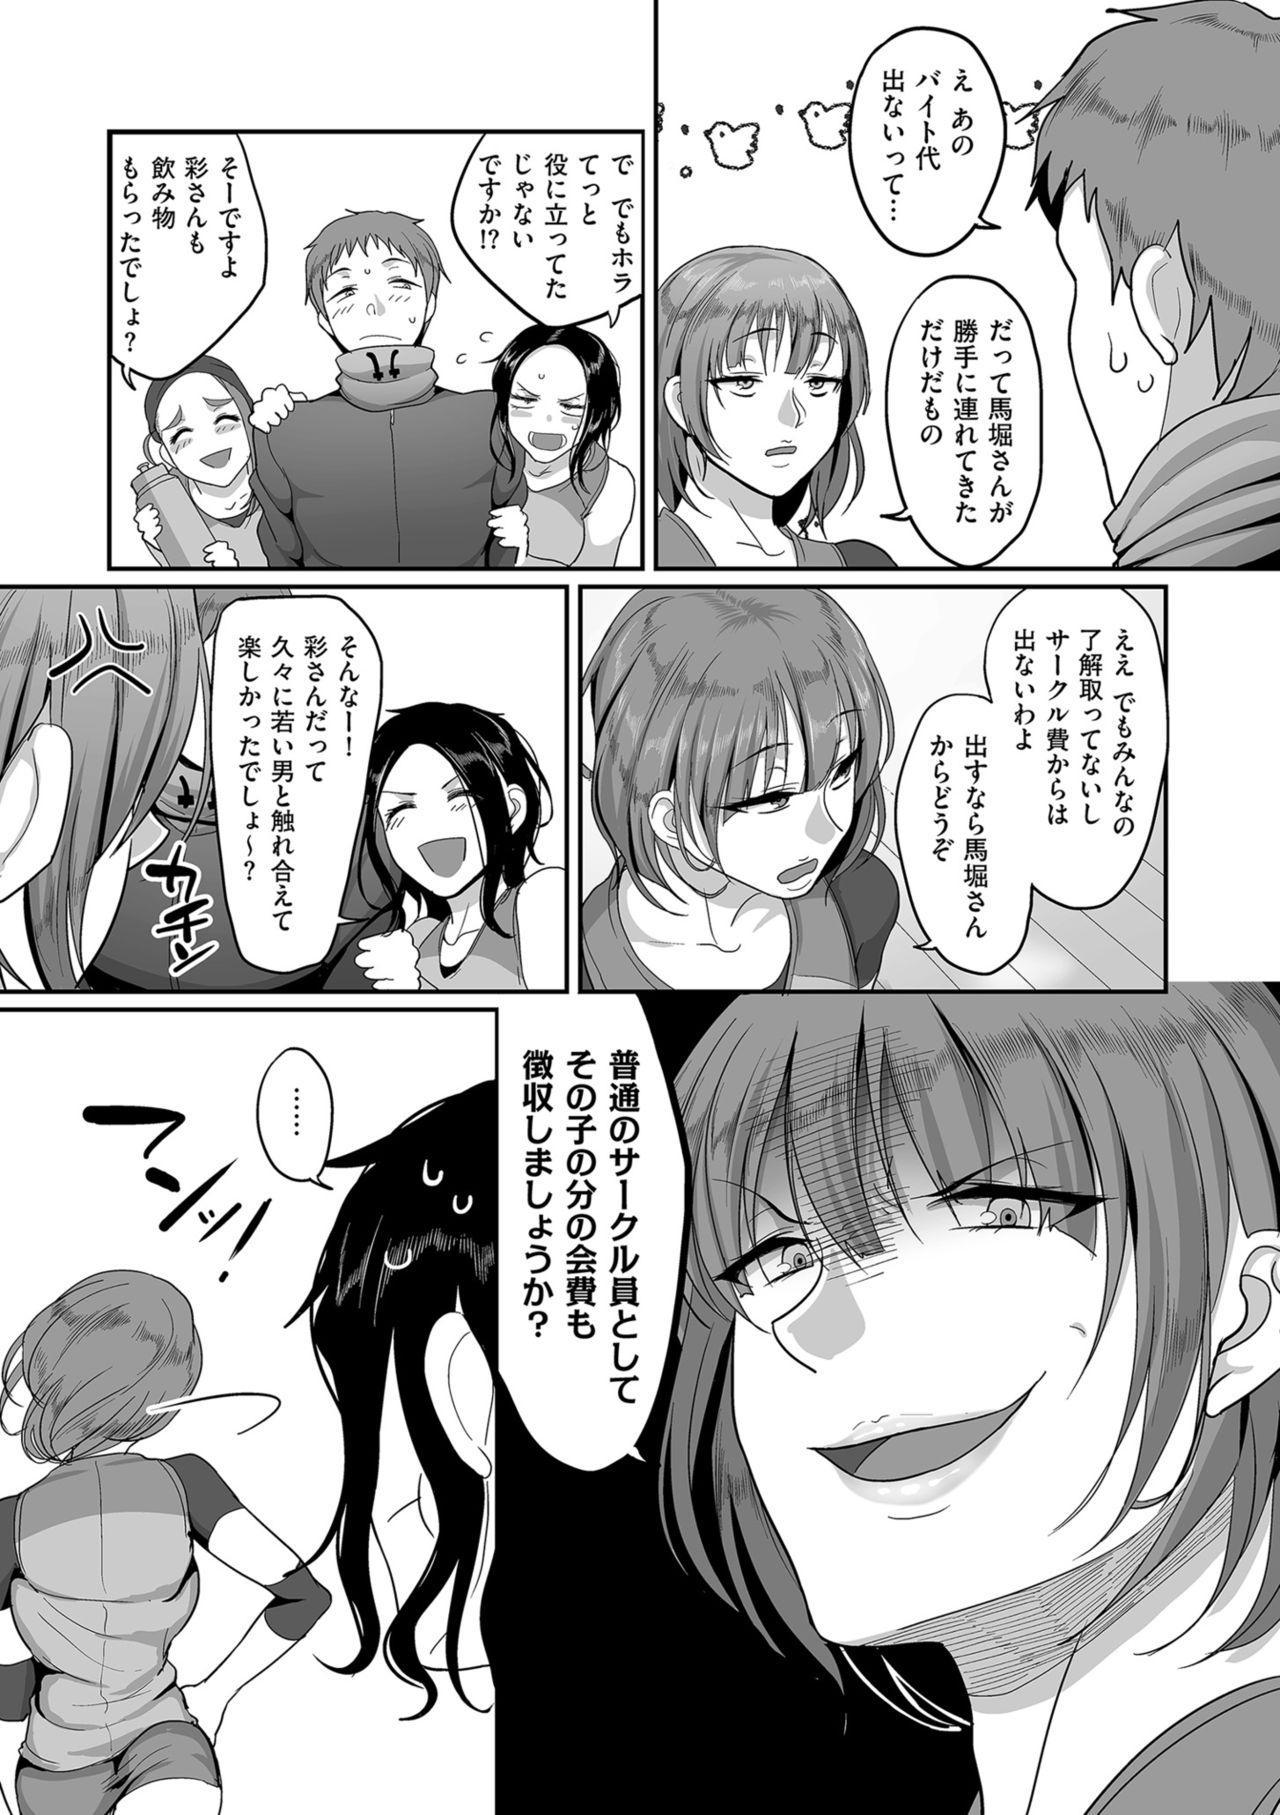 [Yamamoto Zenzen] S-ken K-shi Shakaijin Joshi Volleyball Circle no Jijou [Digital] 12